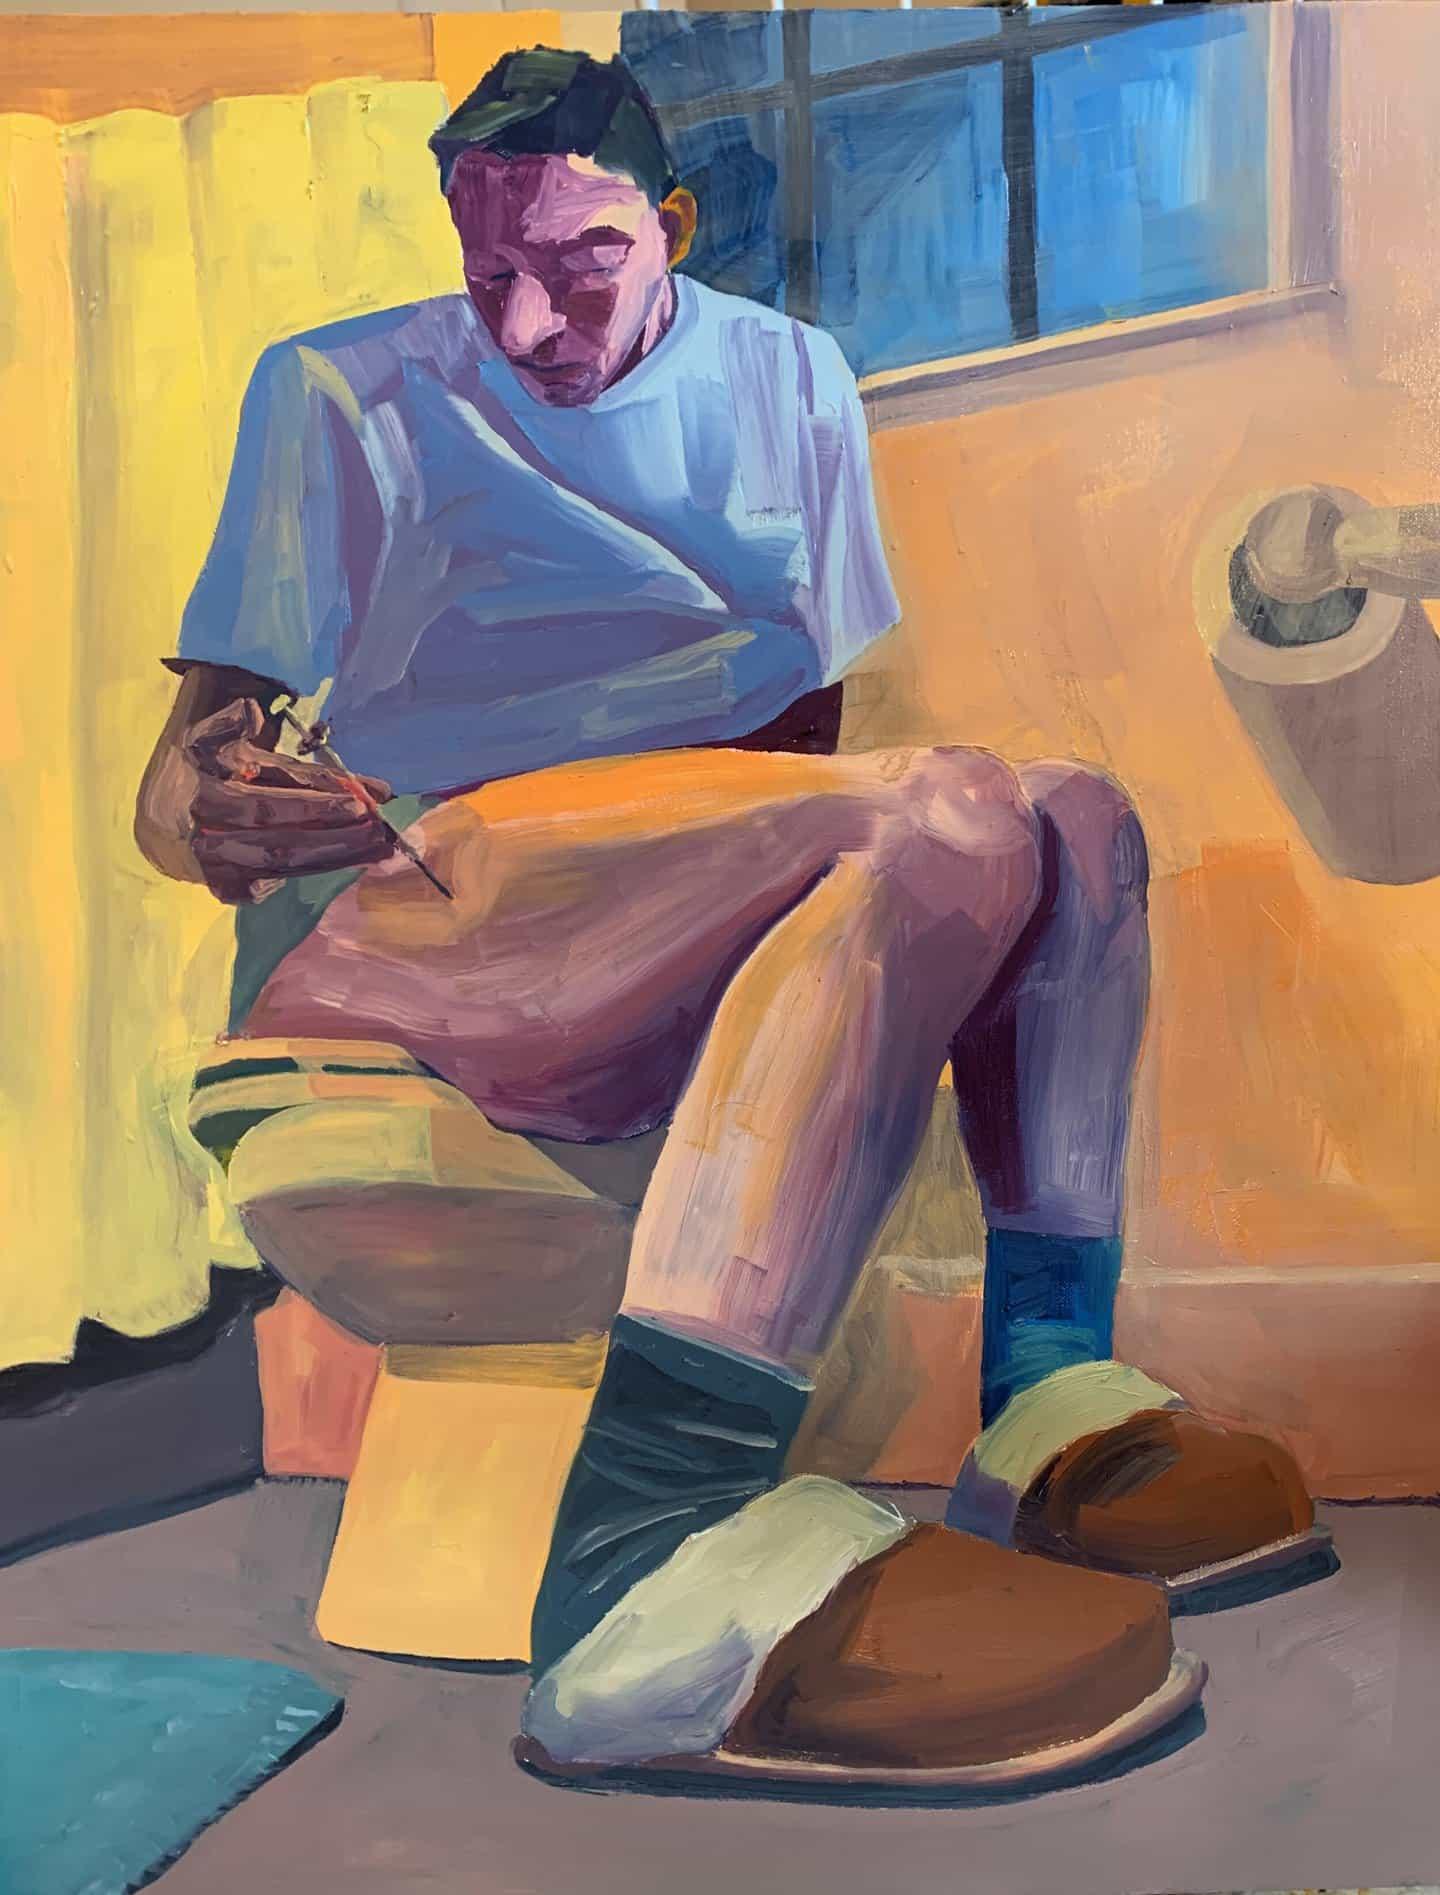 Linus Borgo: La semana pasada no se rodó (Copyright © Linus Borgo, 2021)Óleo sobre lienzo